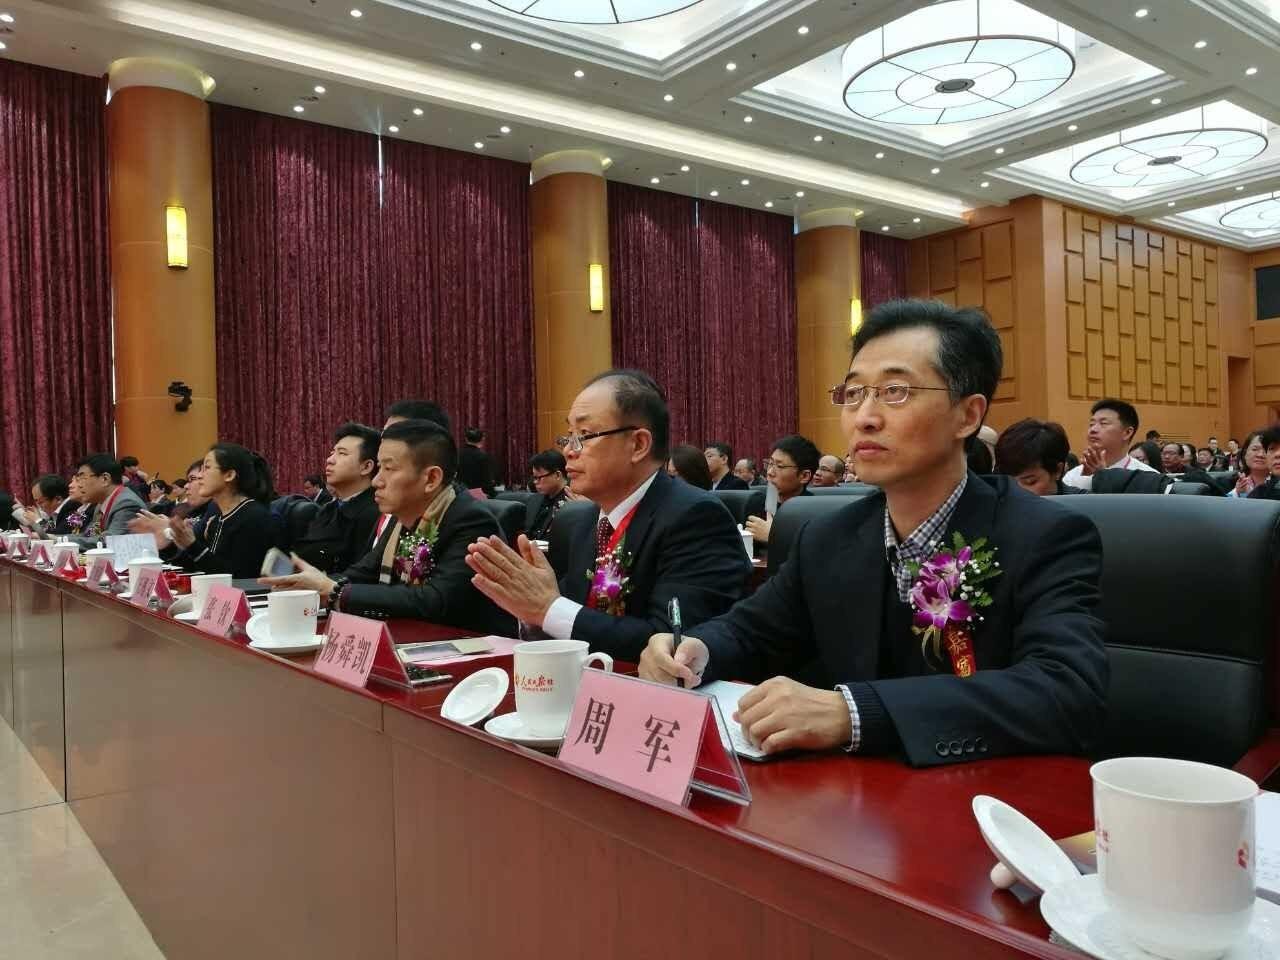 南京文交所受邀参加中国金融创新与安全发展高峰论坛 钱邮中心获